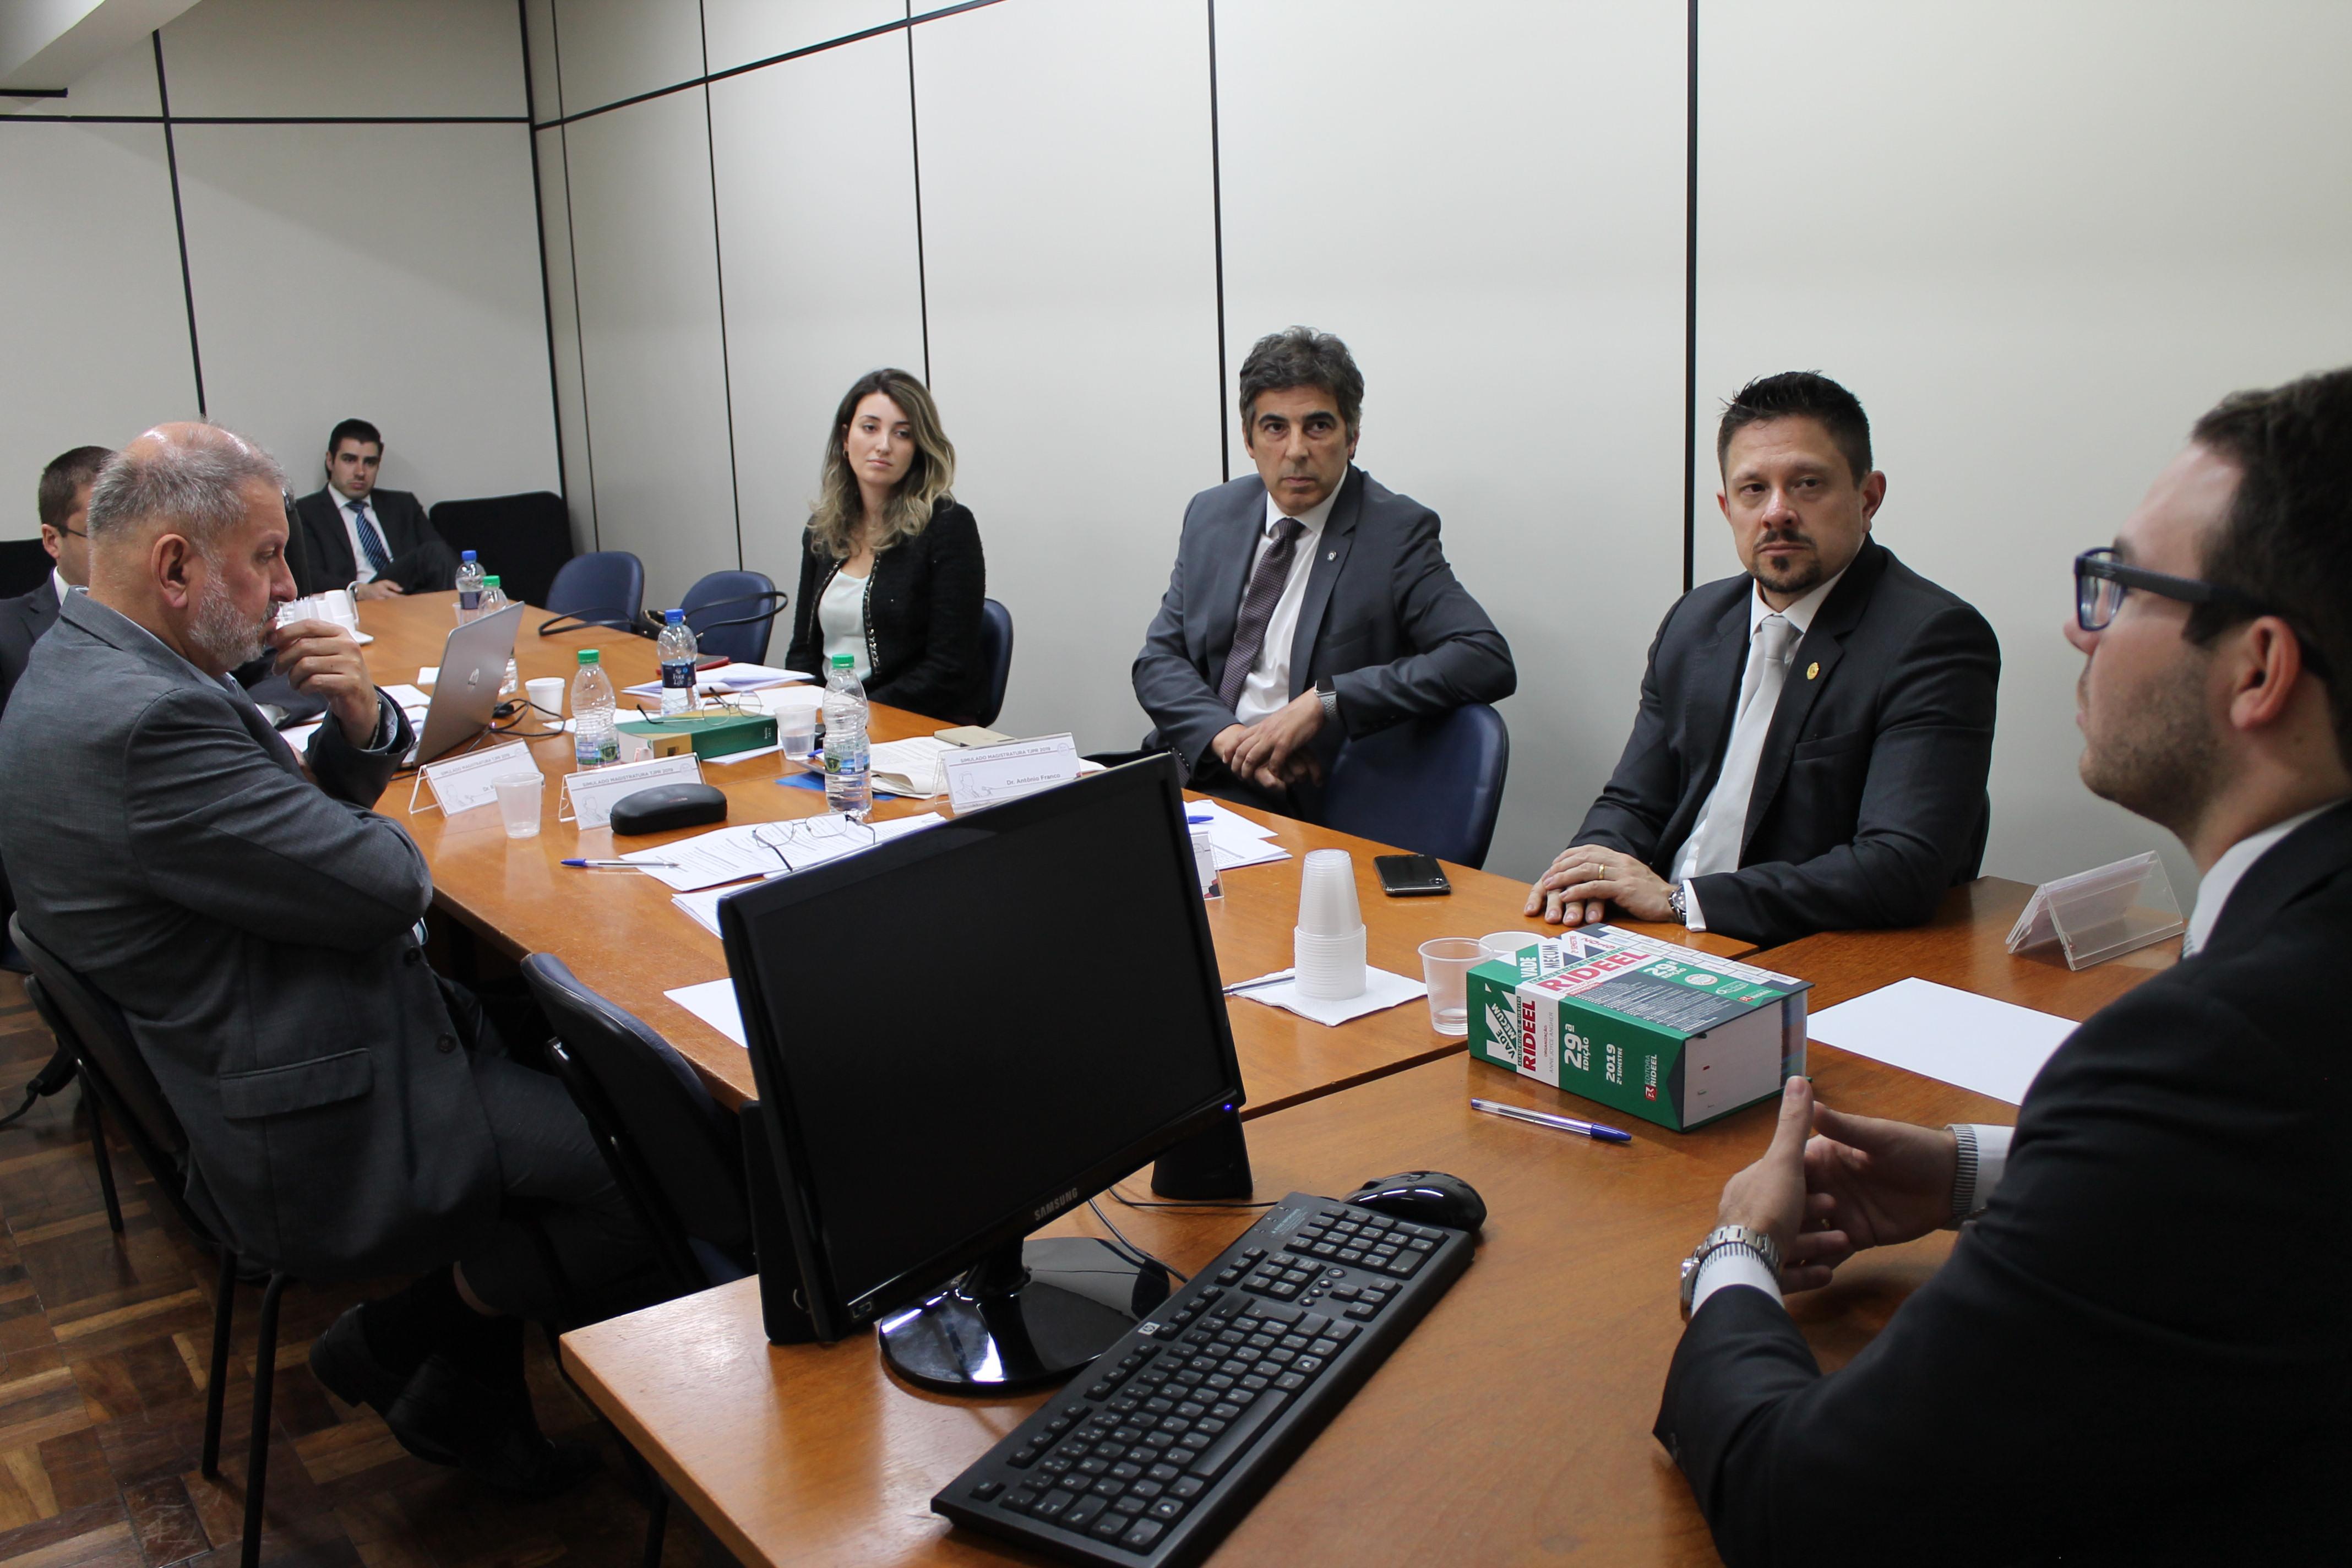 Na vanguarda, EMAP realiza grande simulado para 60 candidatos que farão a temida prova oral de ingresso à magistratura